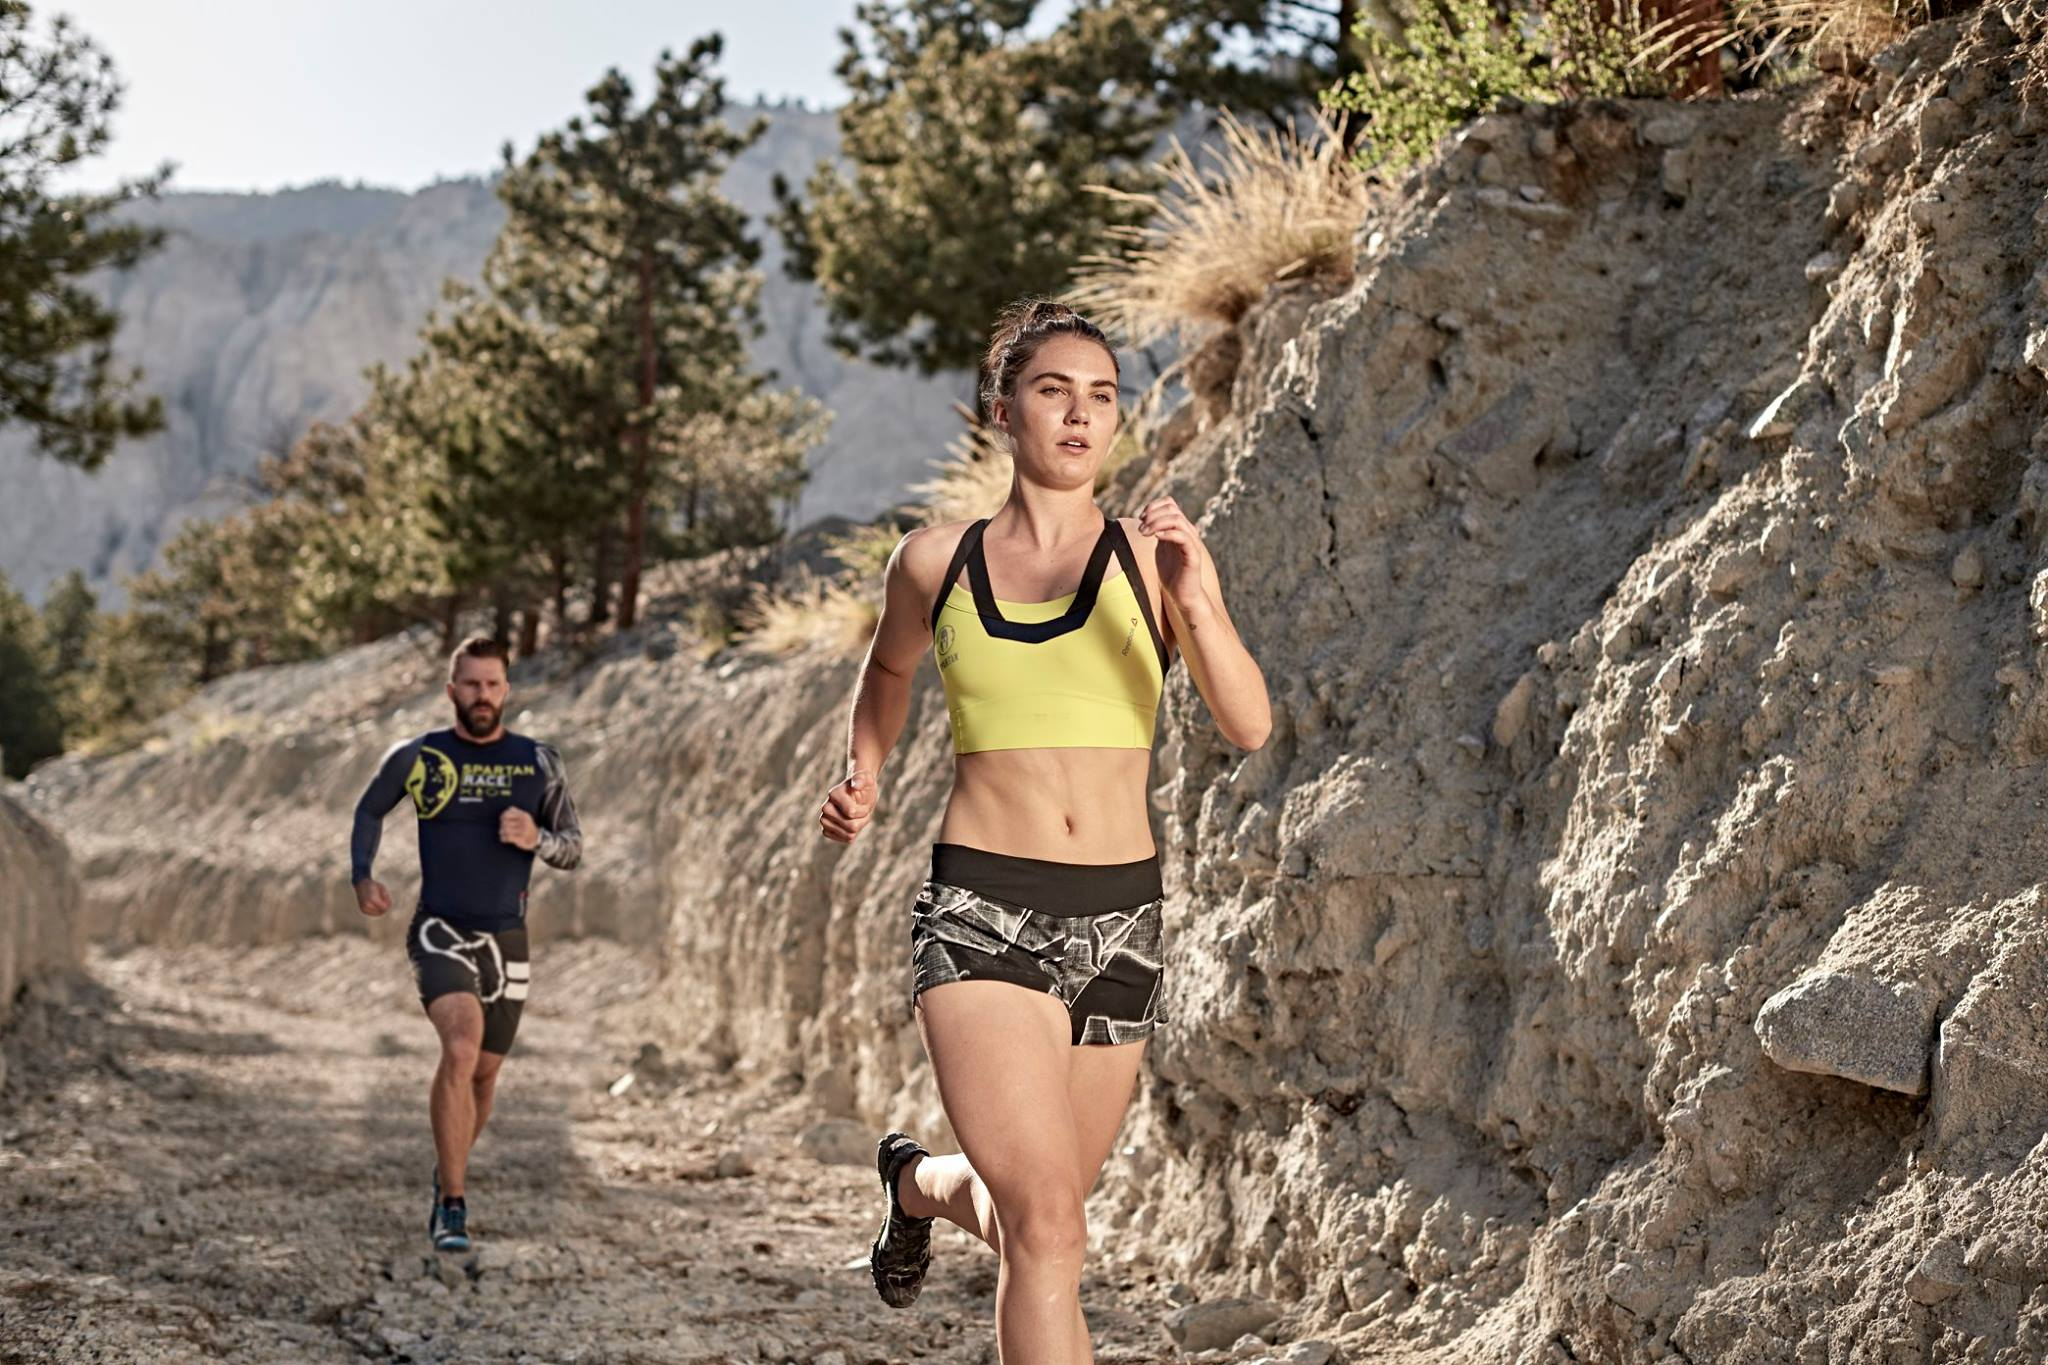 Bolj kot ste fit, tem hitreje vaše telo uporabi maščobe za energijo